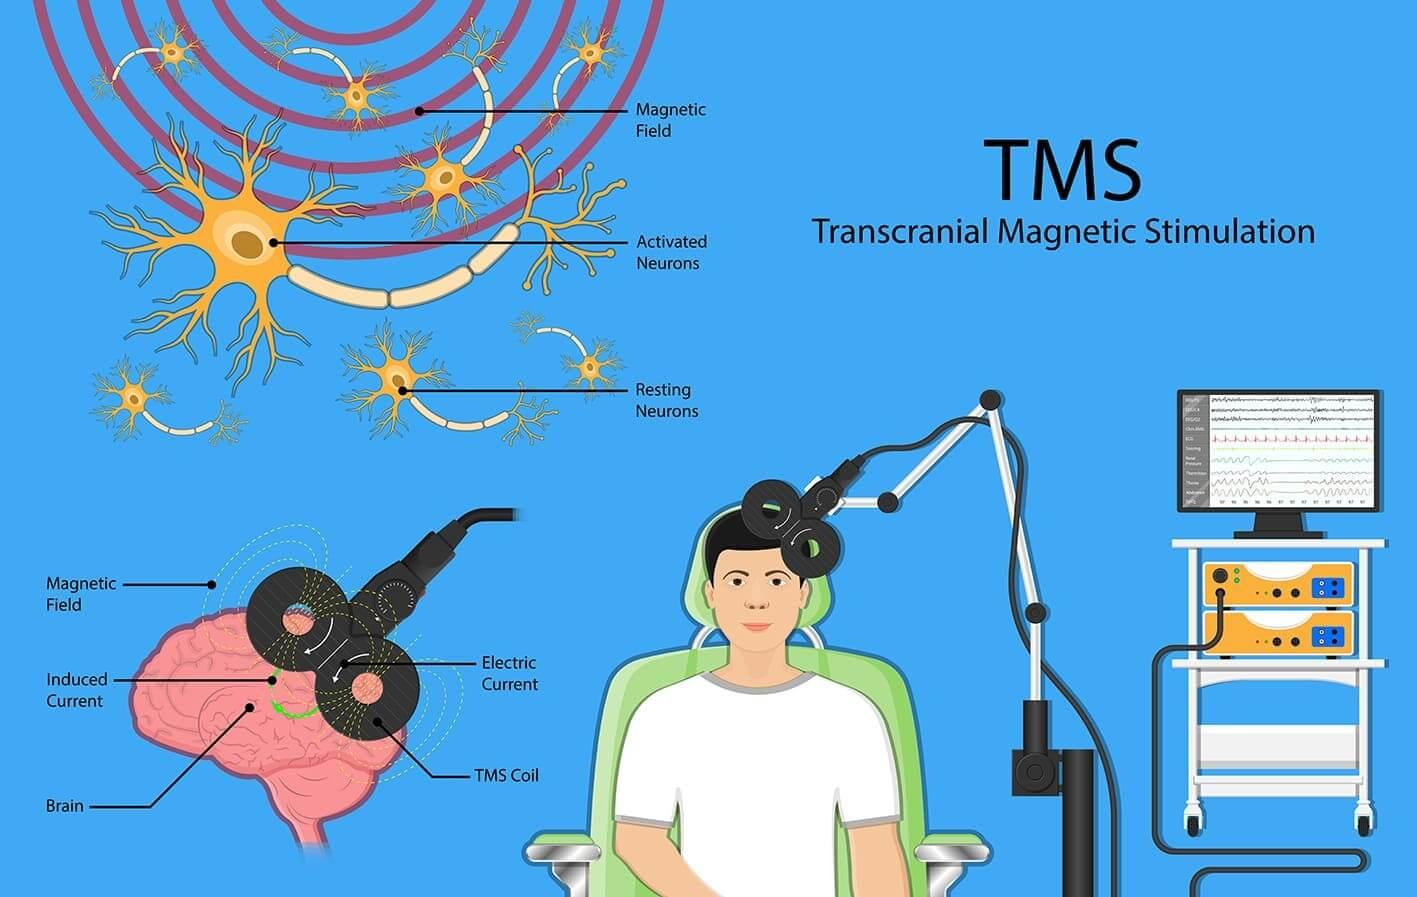 схематическое изображение ТМС